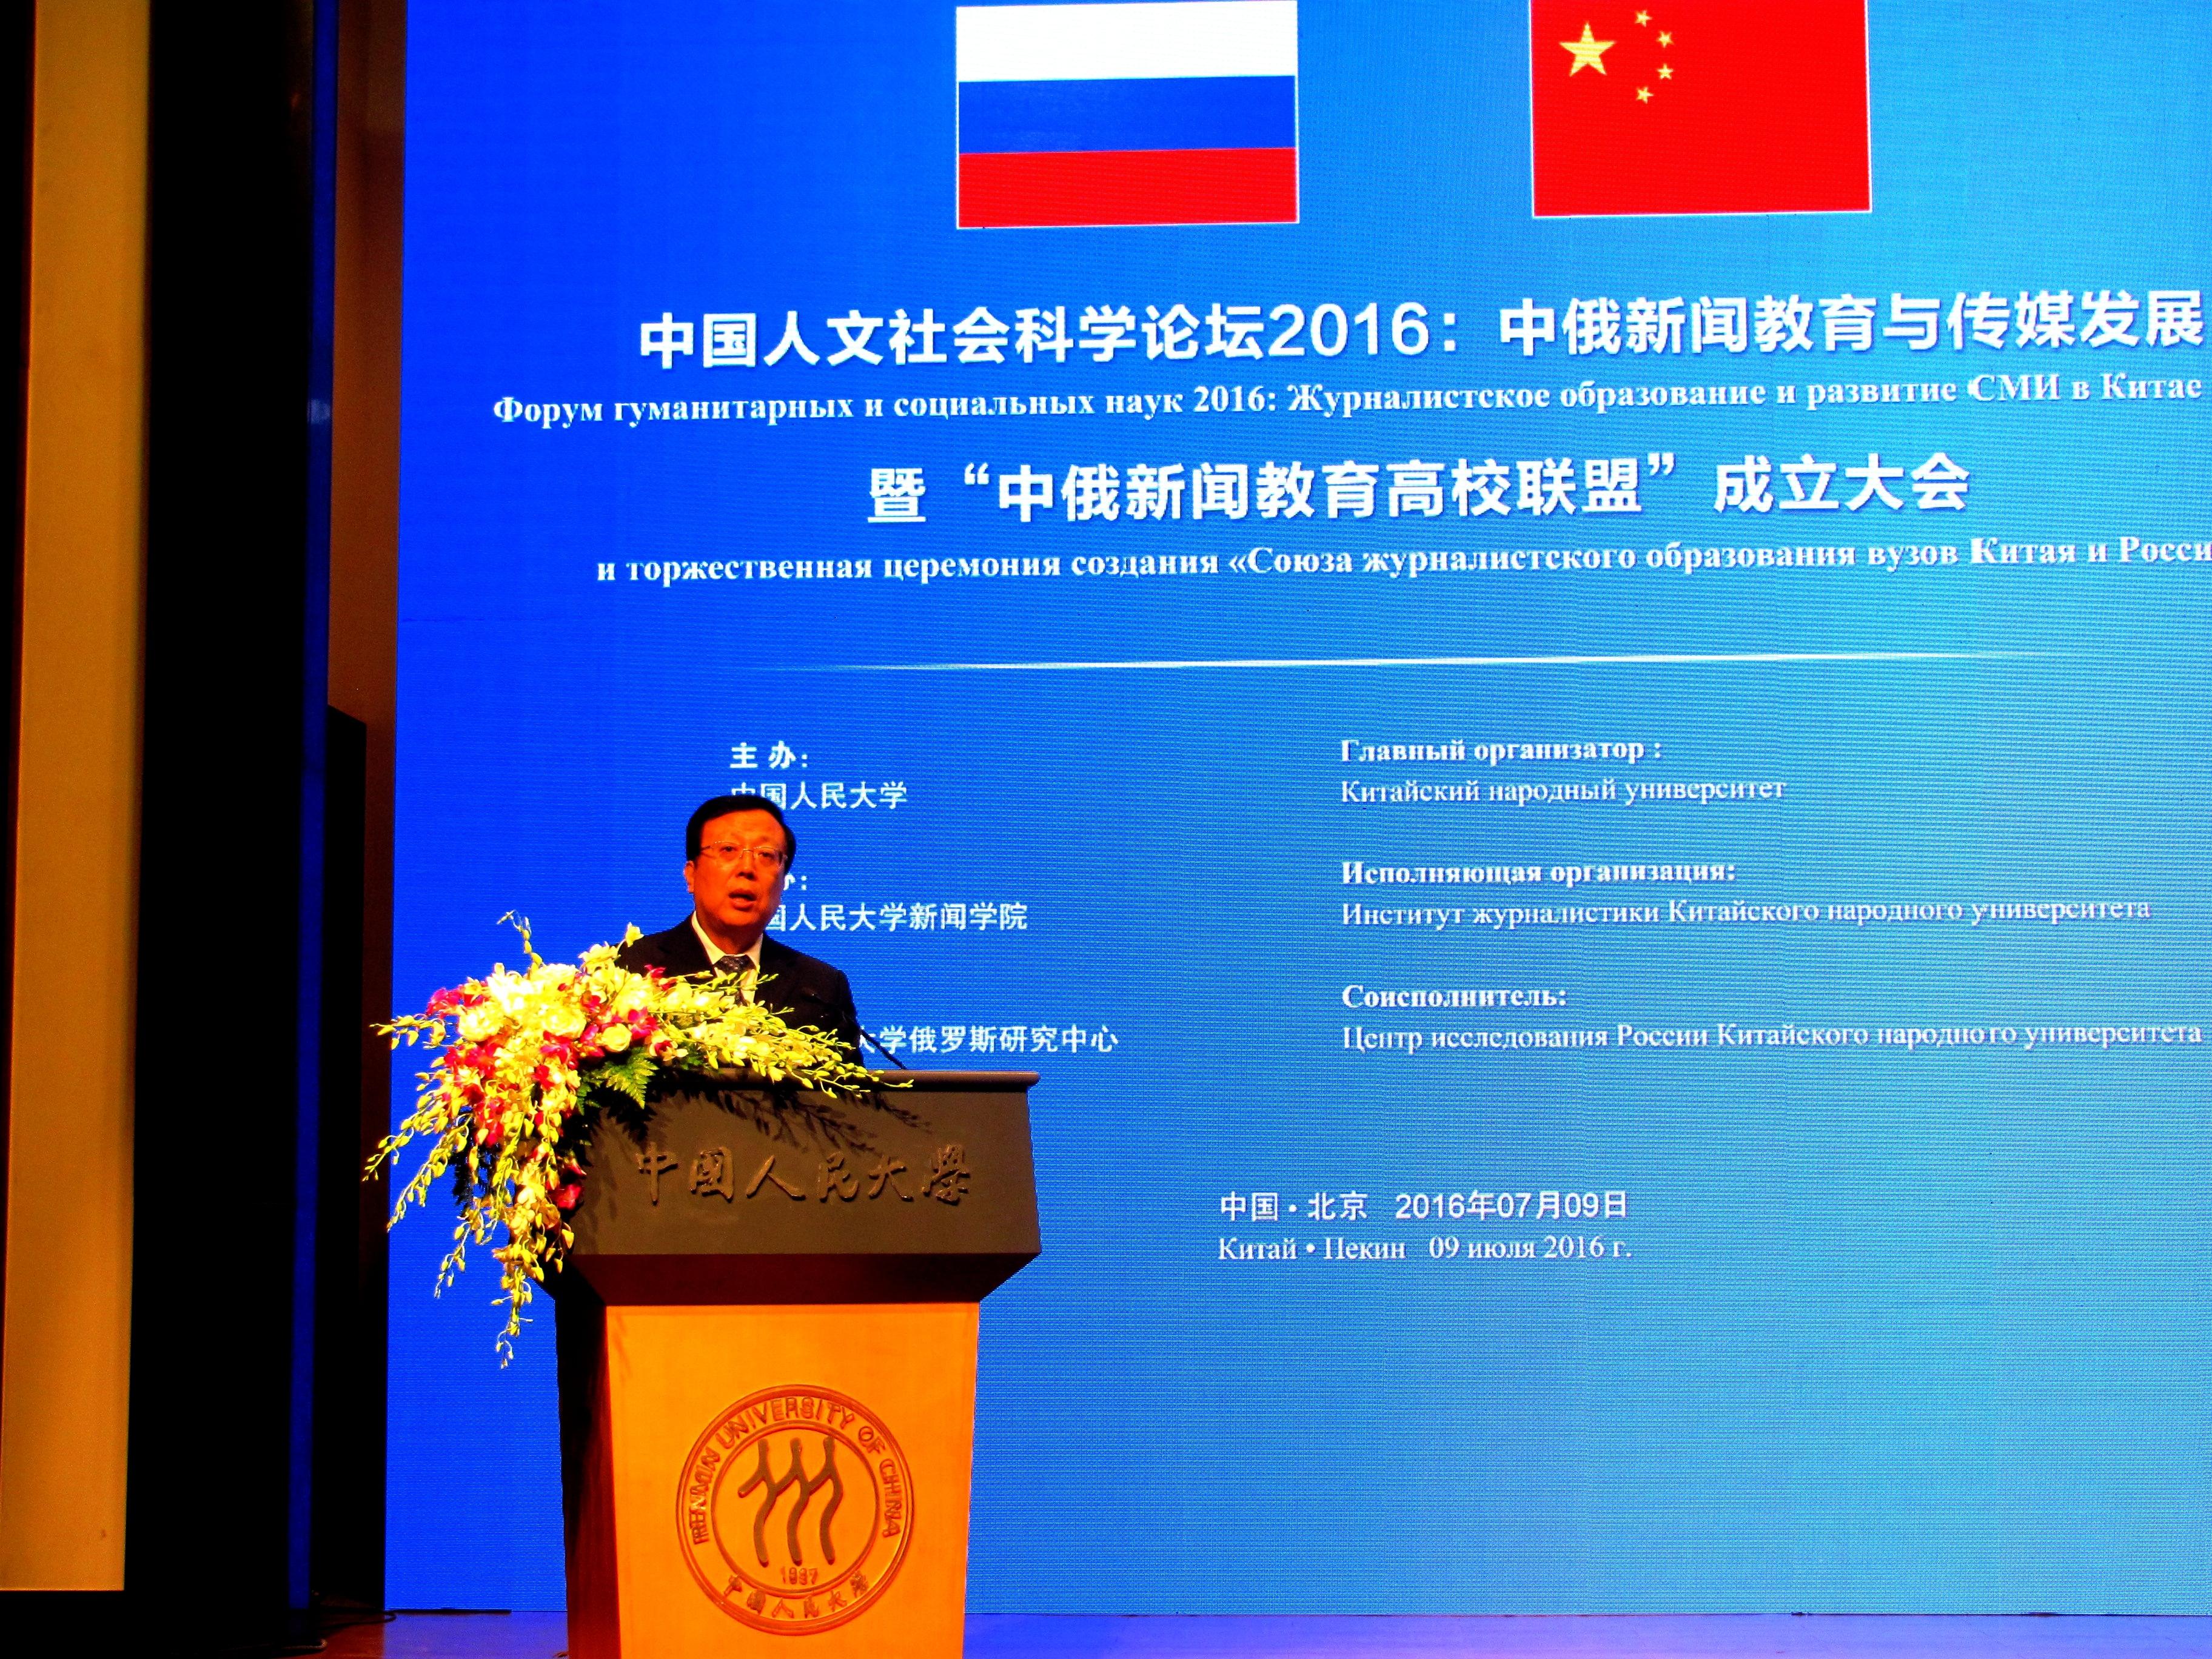 Выступает заместитель министра образования КНР Хао Пин